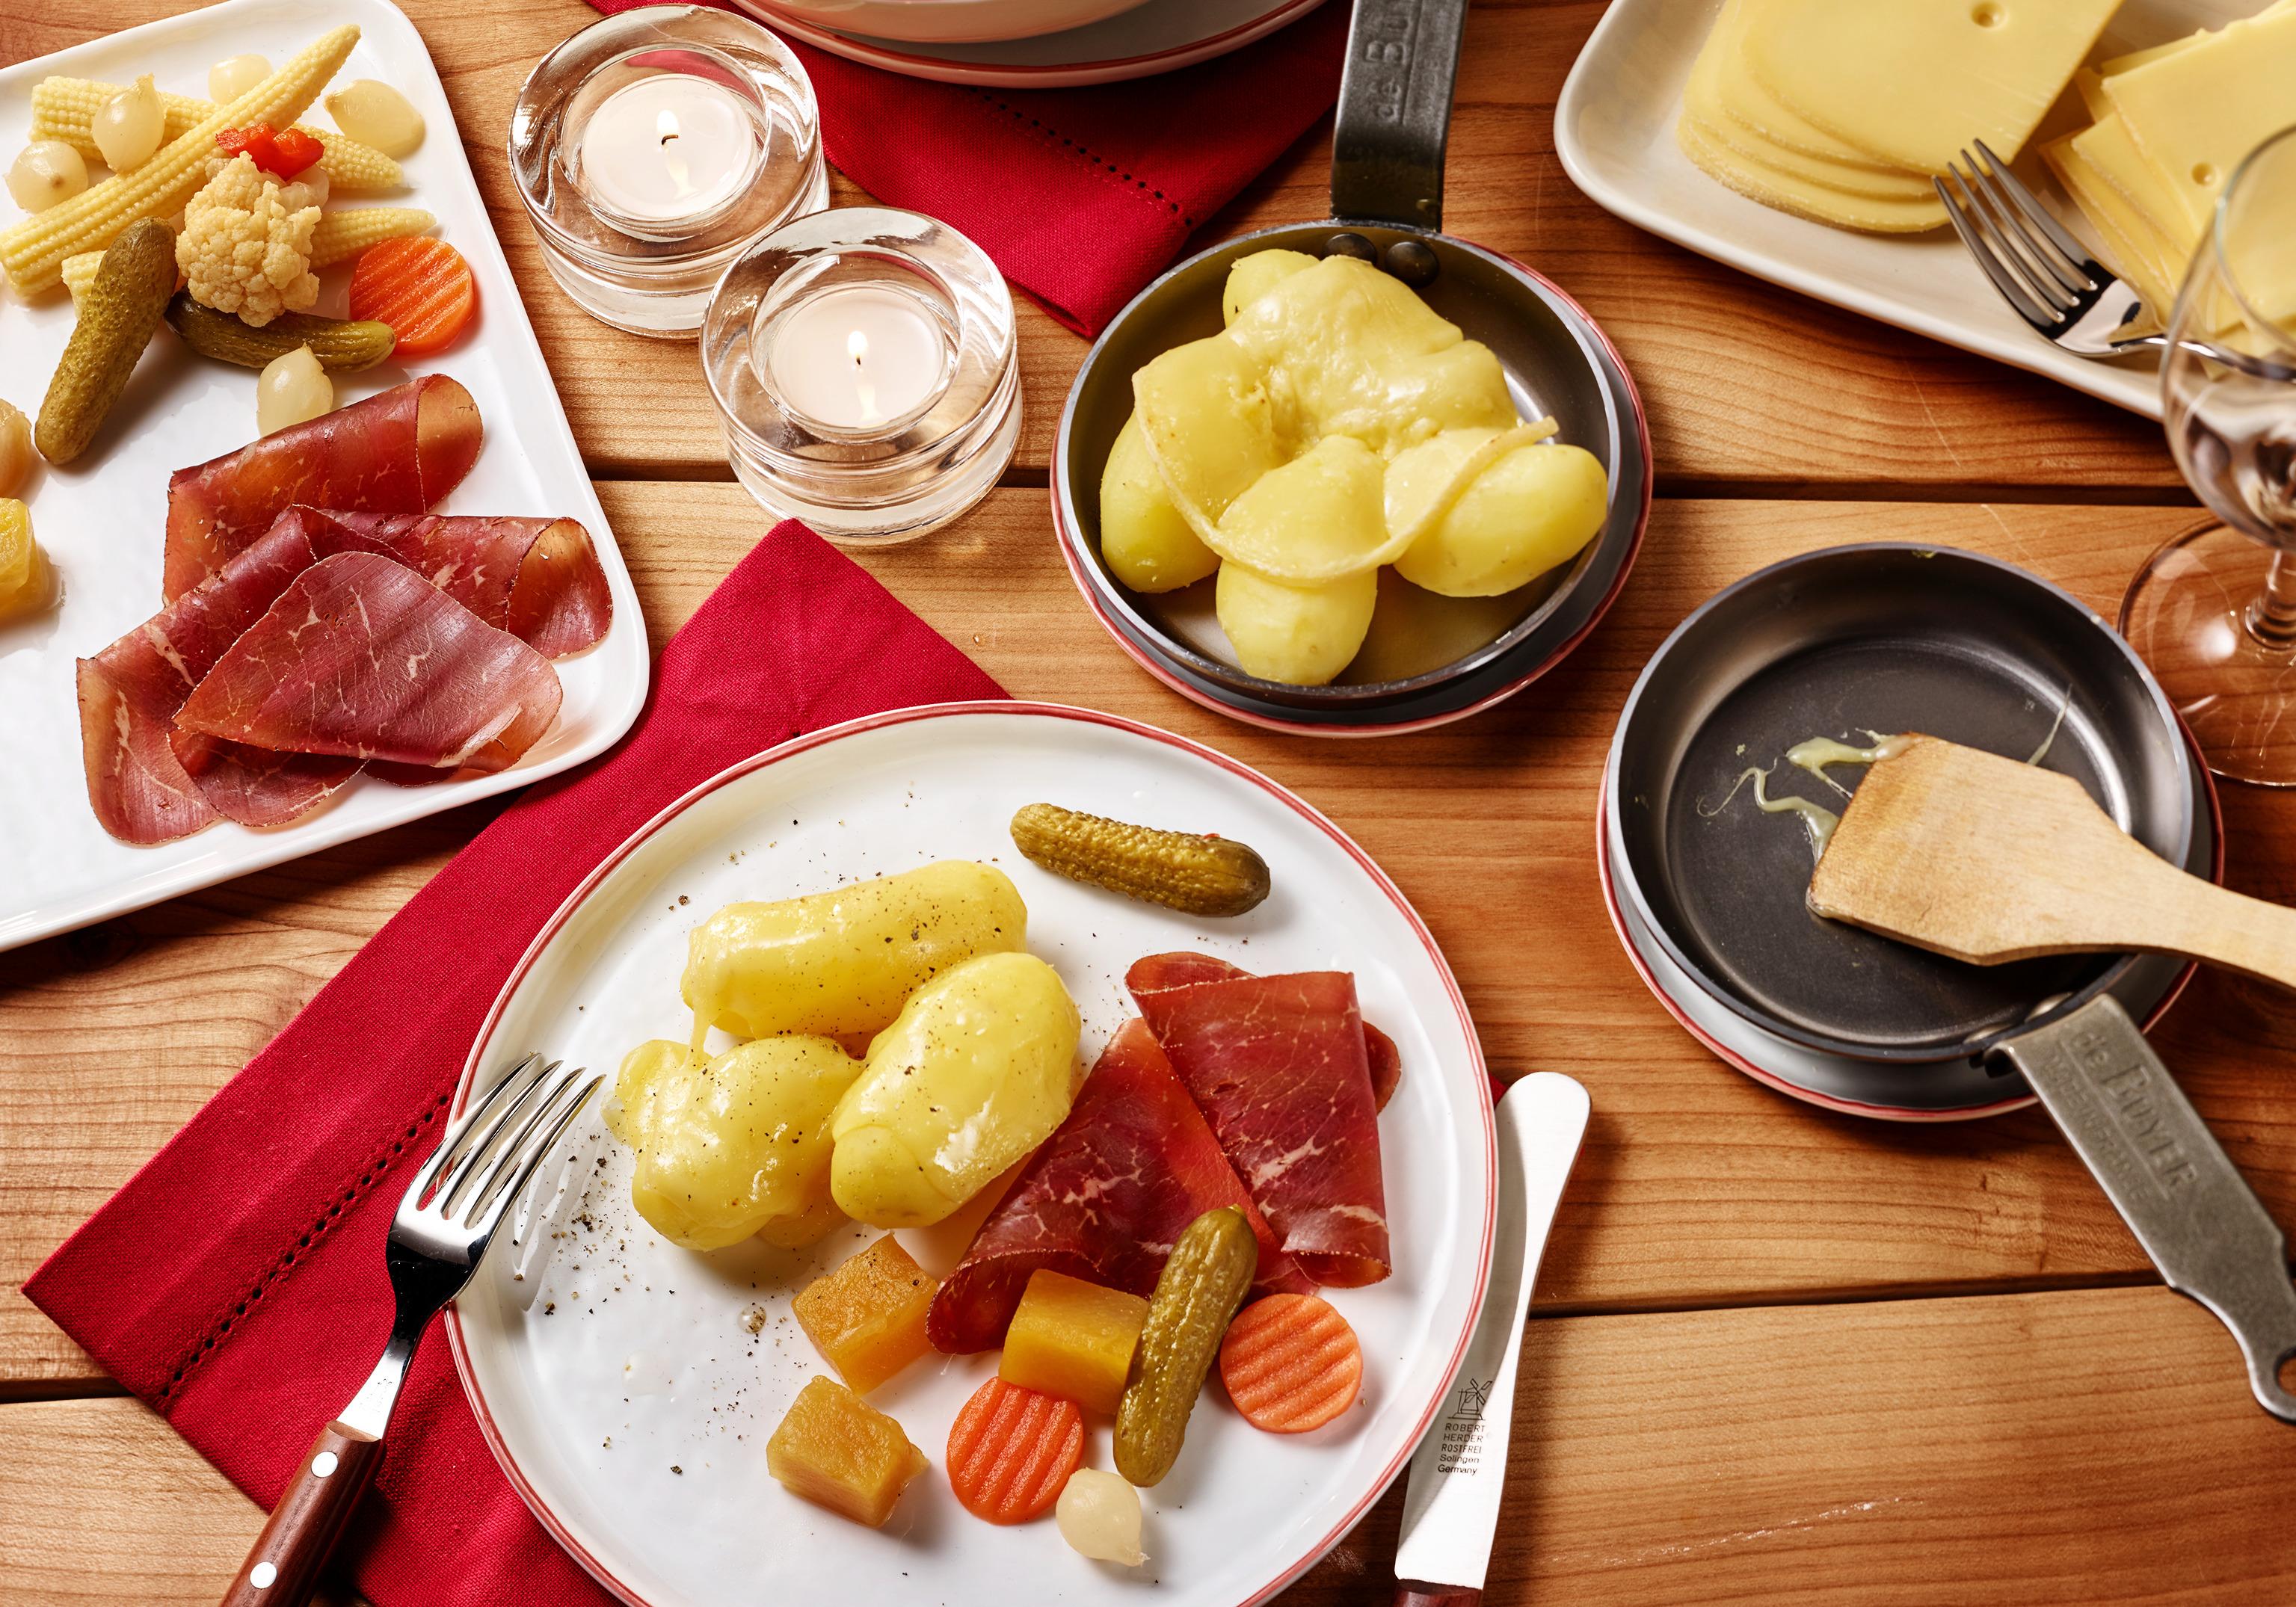 fleisch pro person raclette